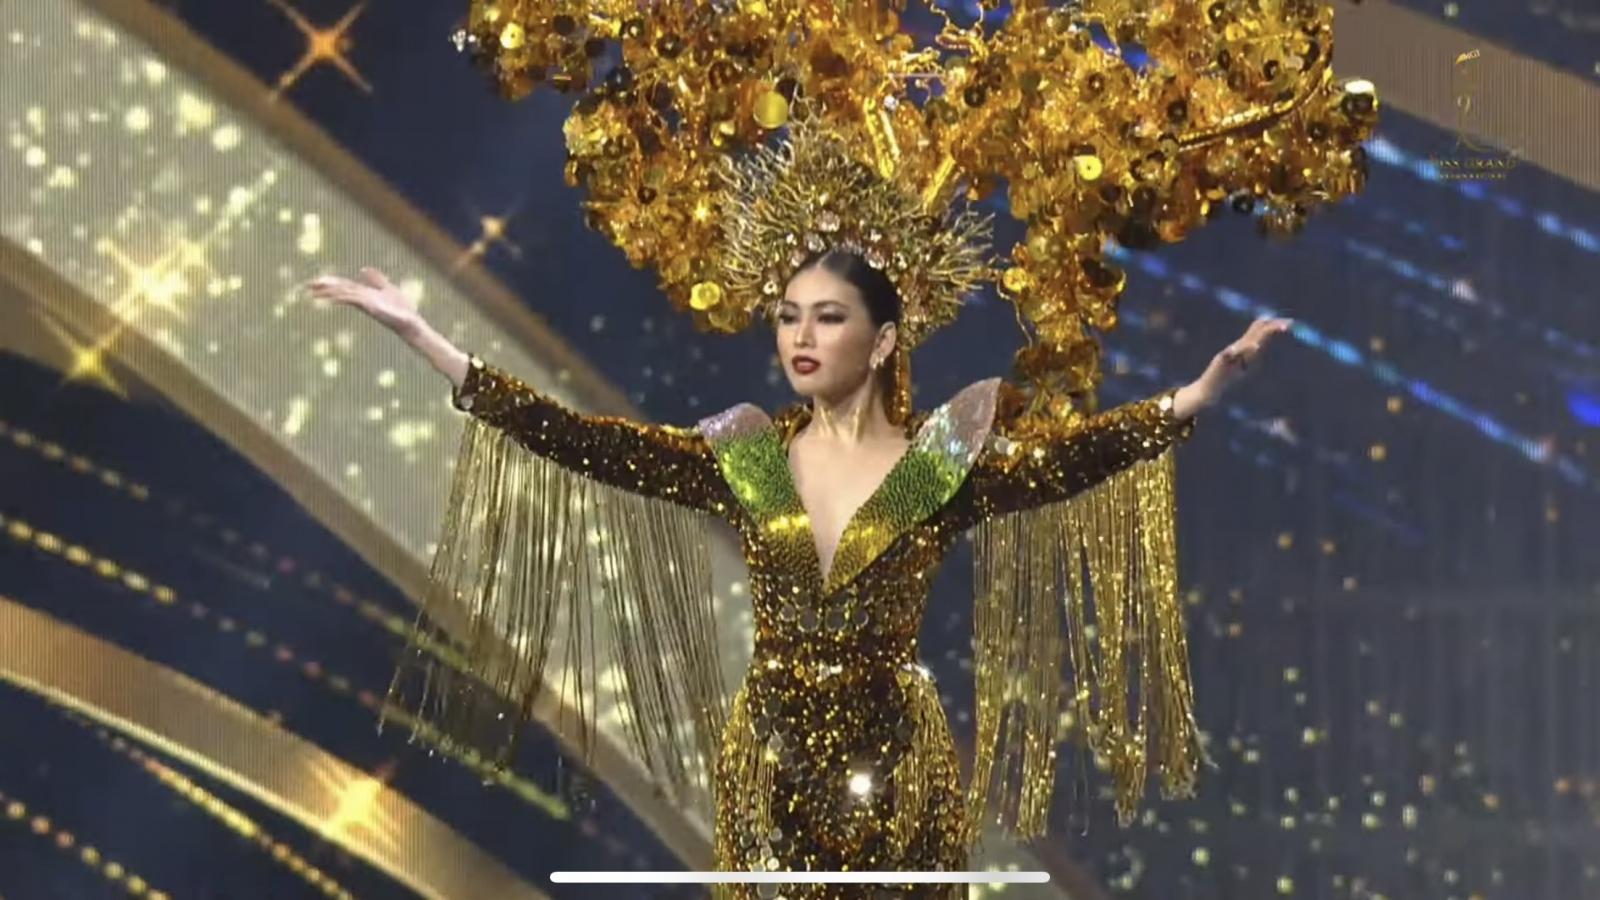 Ngọc Thảo trình diễn đầy tự tin tại đêm thi trang phục dân tộc